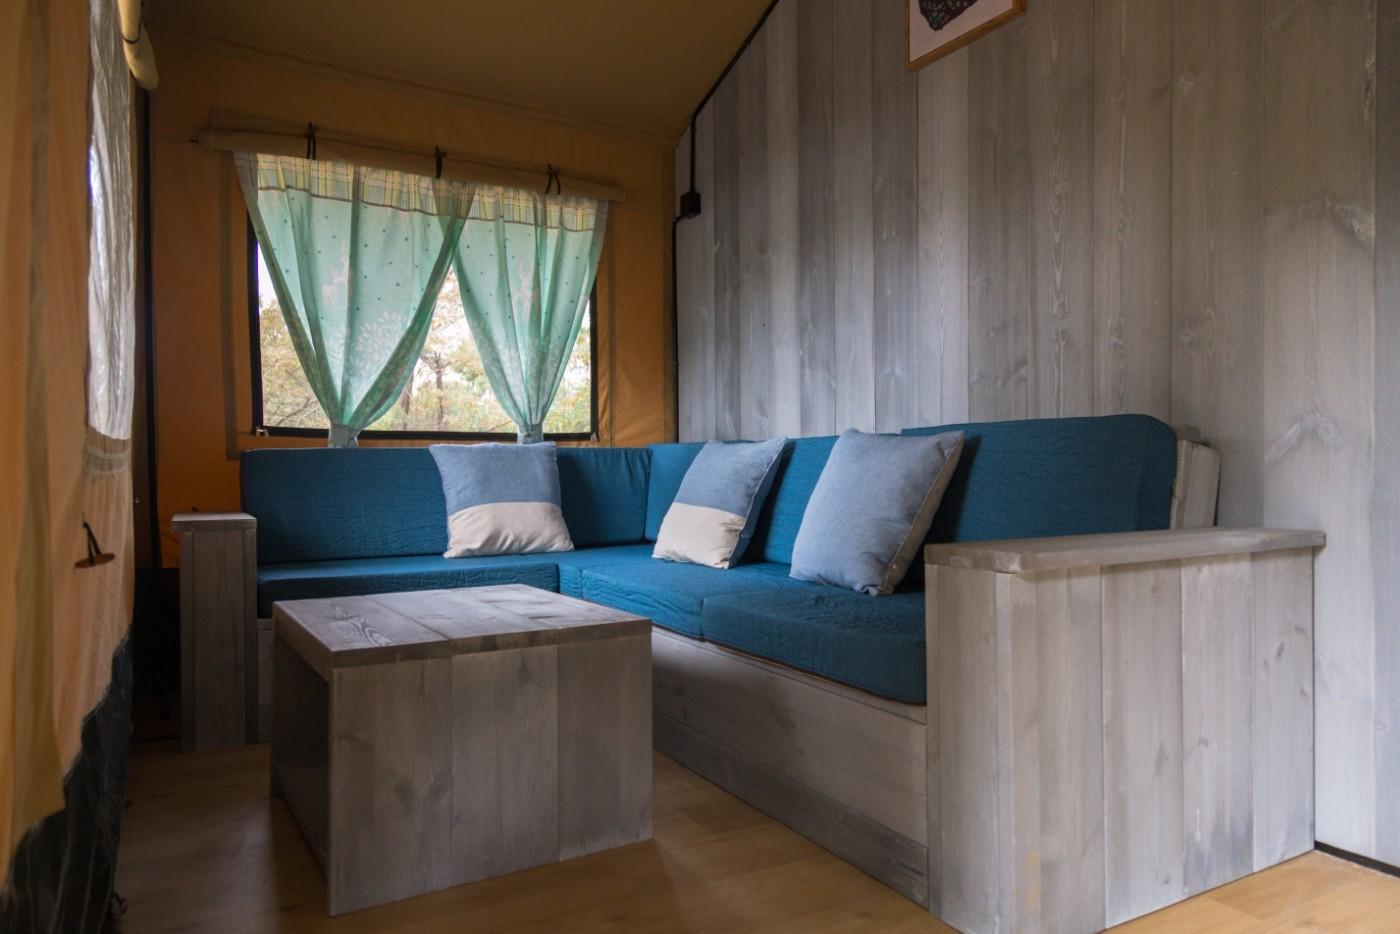 喜马拉雅野奢帐篷酒店—广州北迹露营平地帐篷酒店21